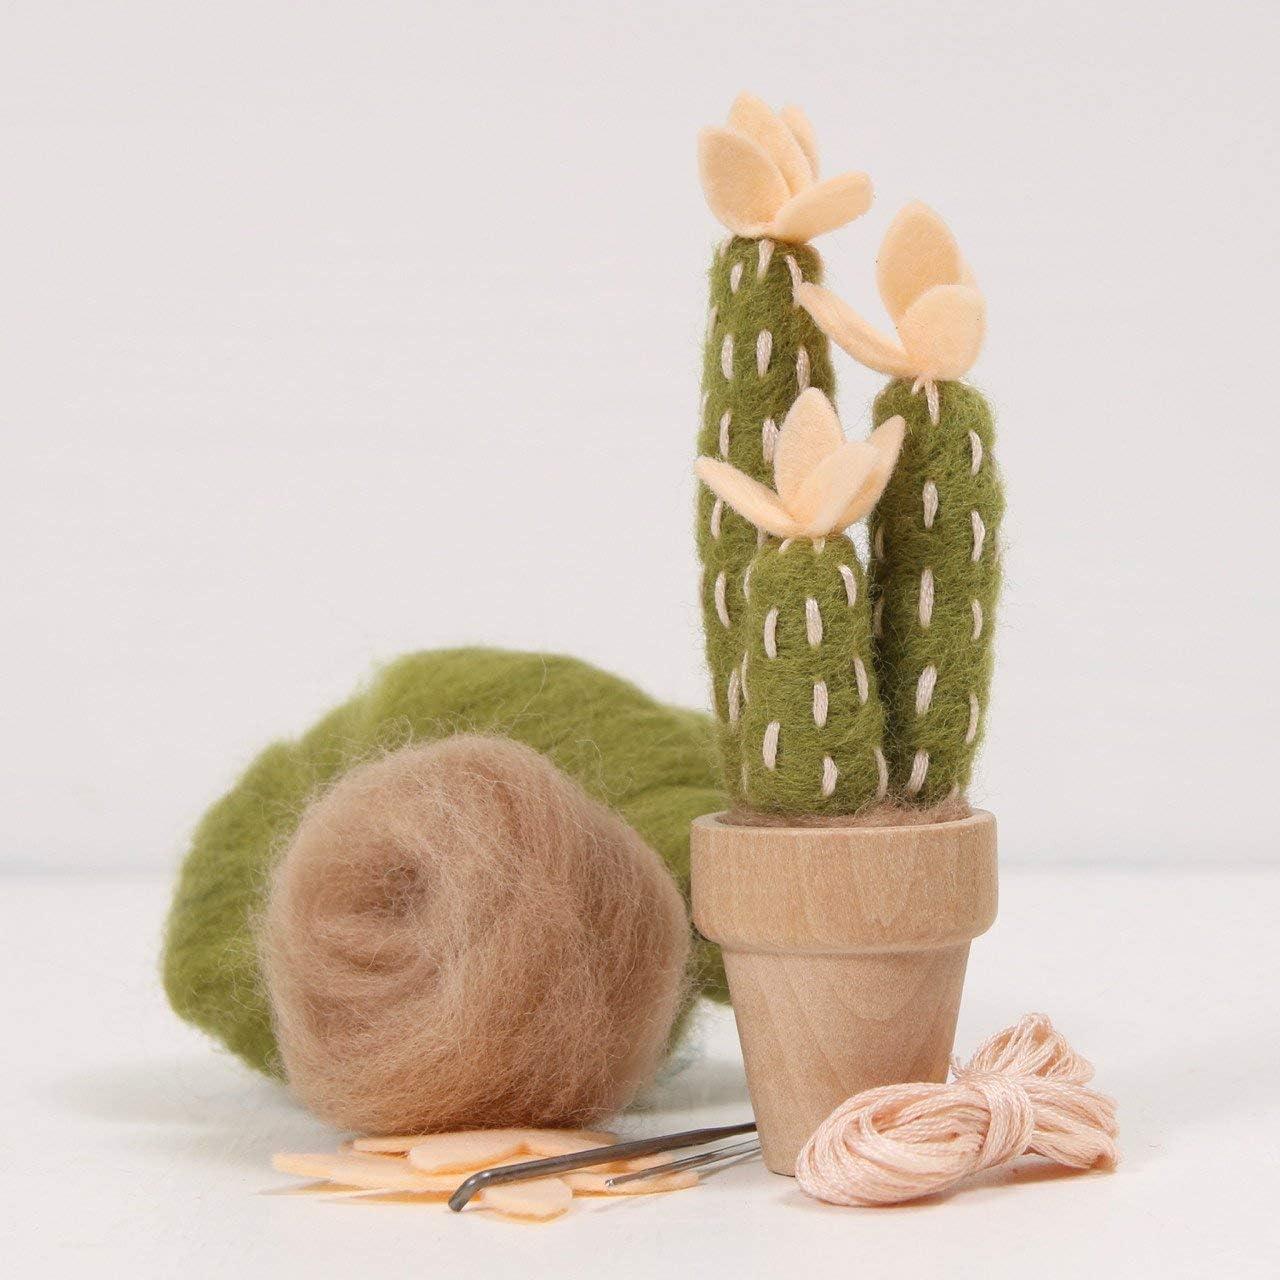 Peach Mojave Needle Felting Cactus Kit